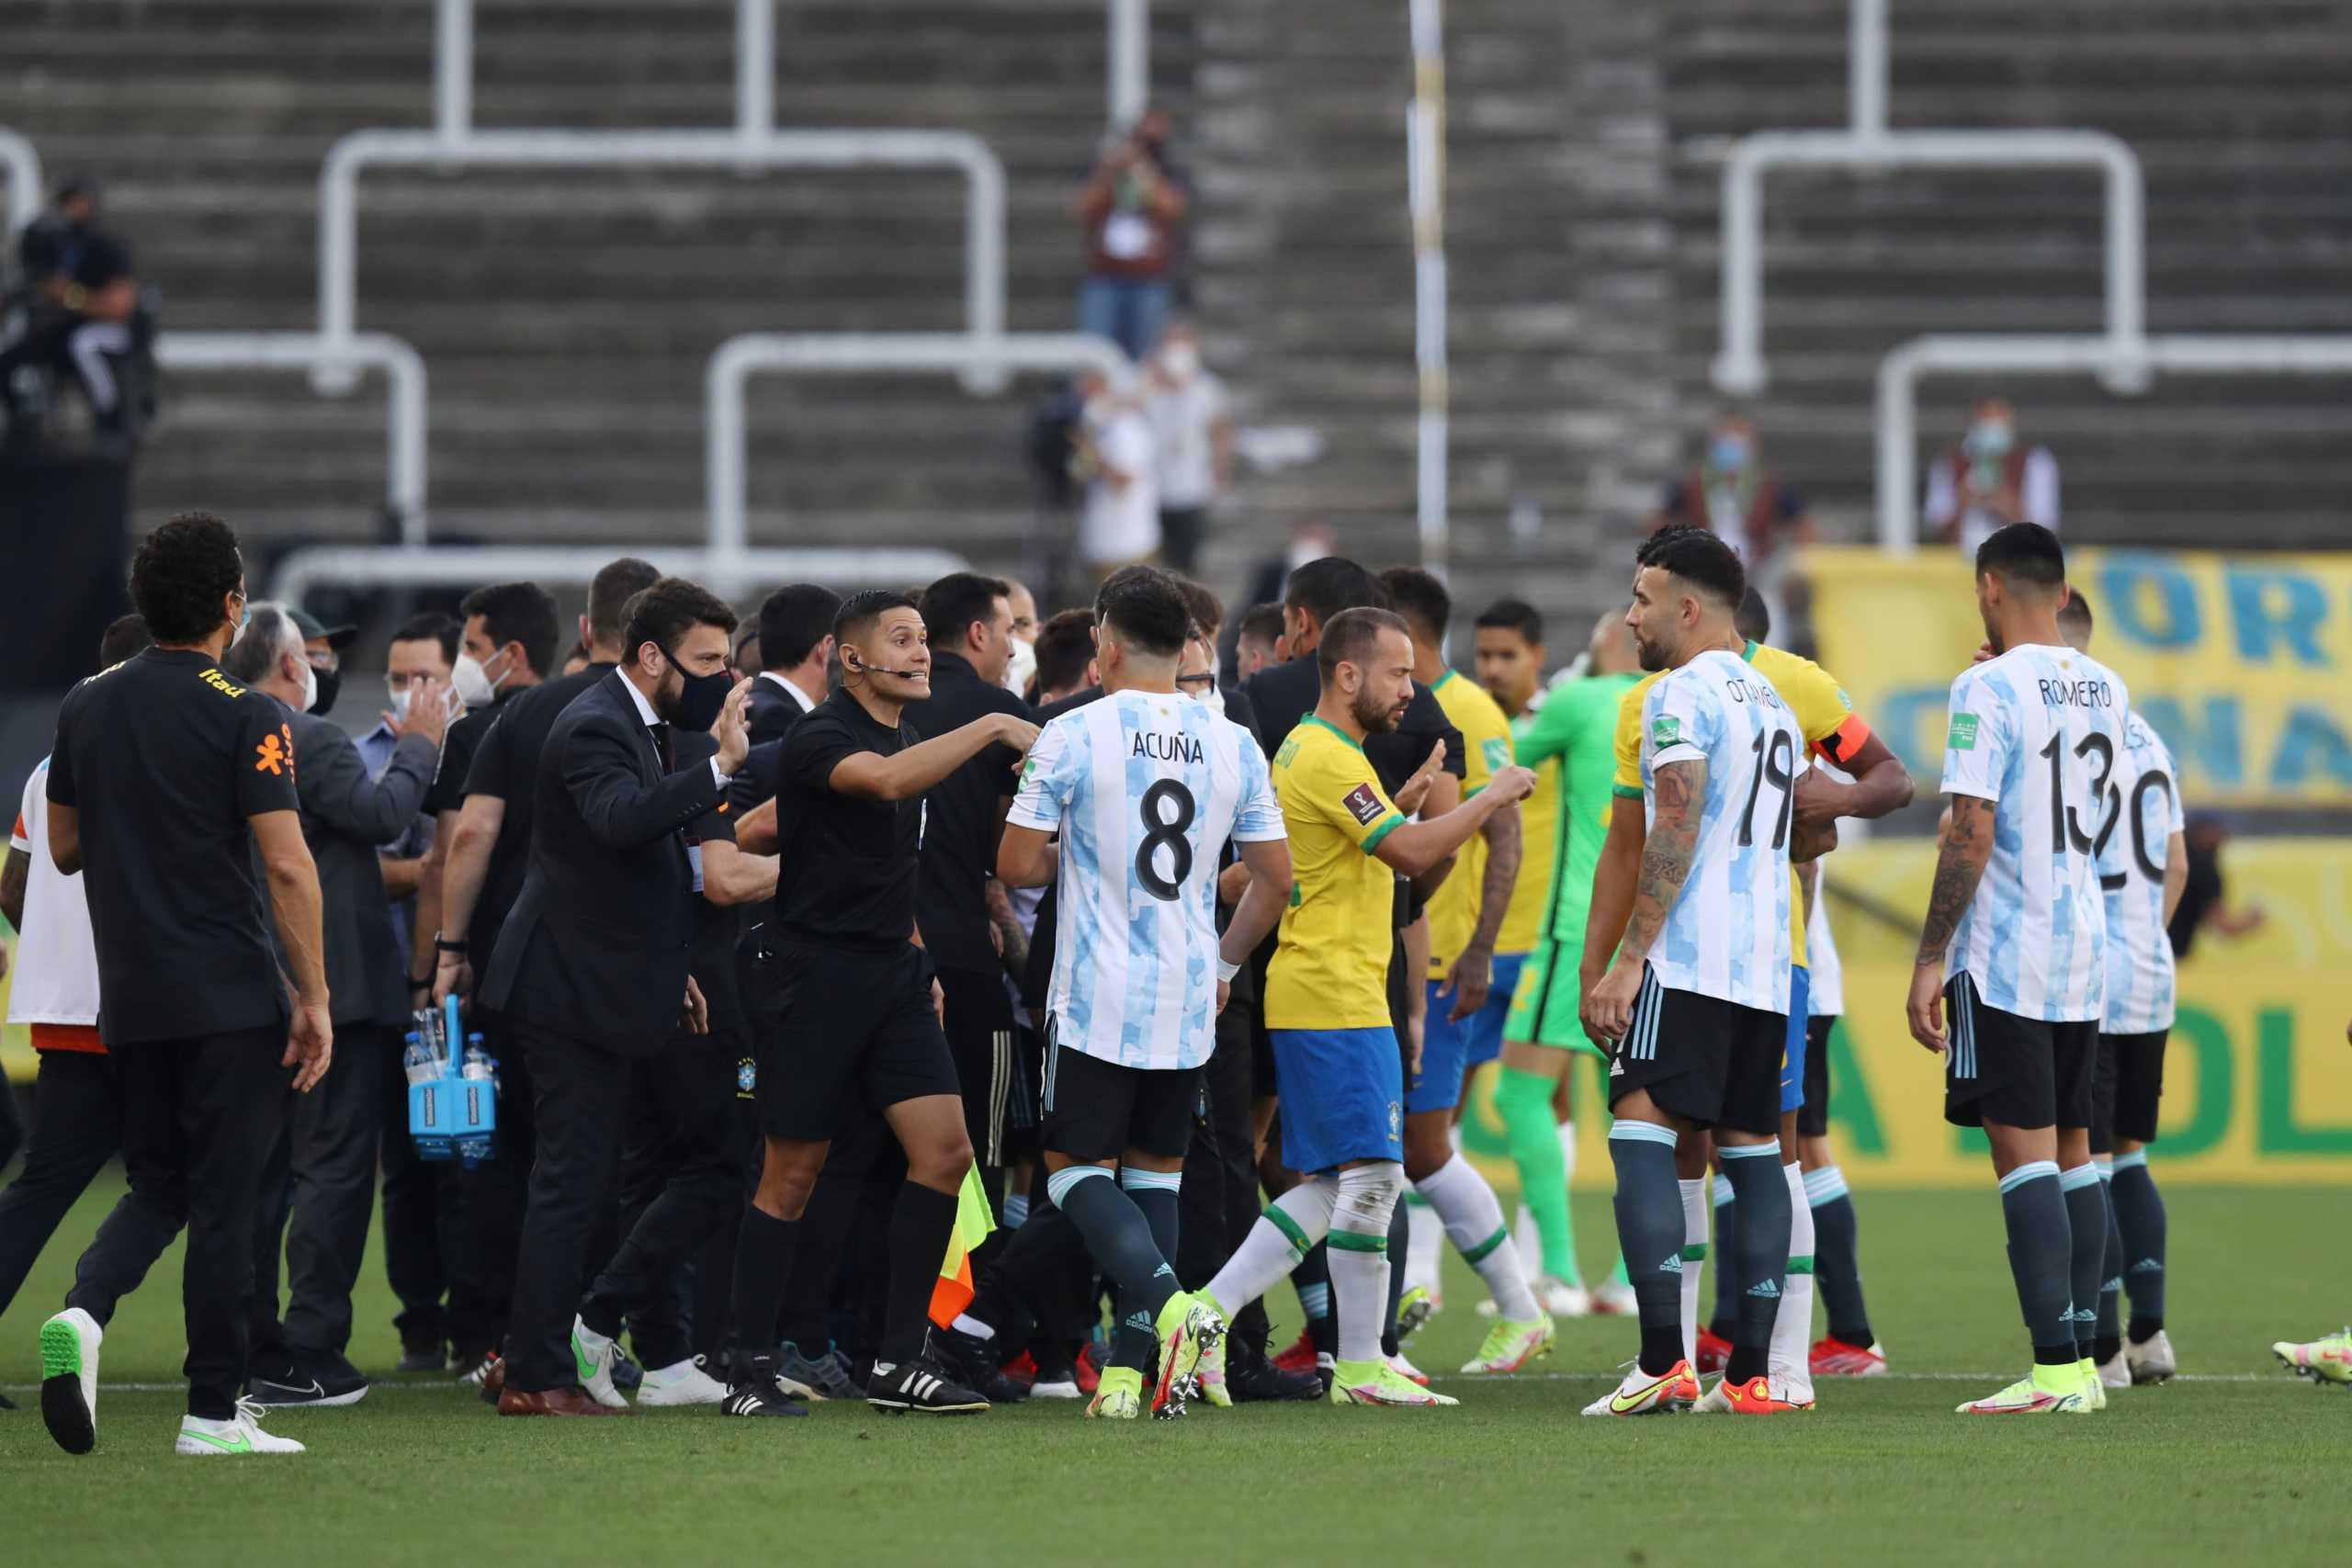 Πειθαρχική έρευνα της FIFA για το Βραζιλία-Αργεντινή